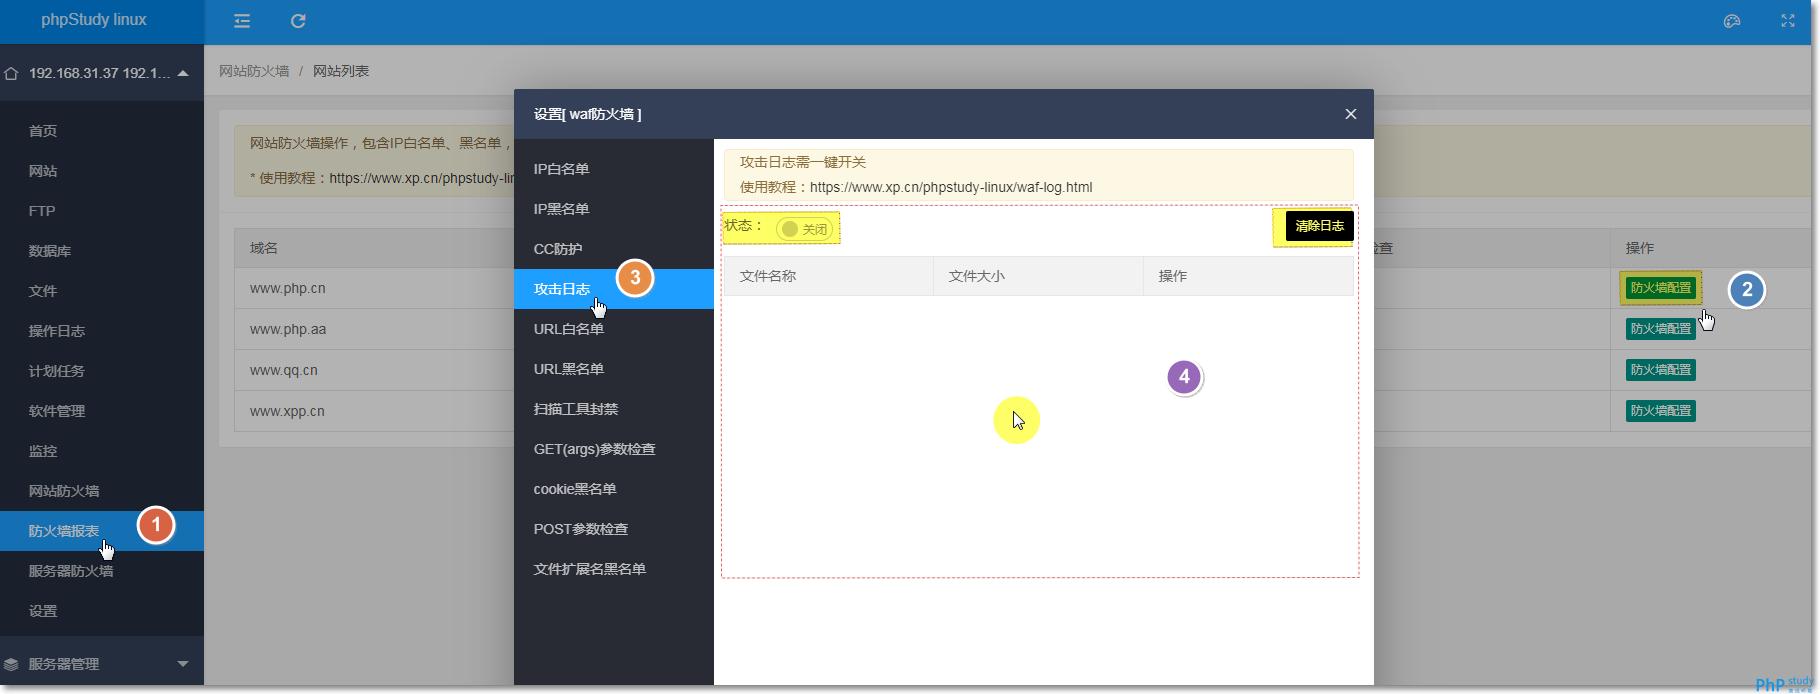 网站防火墙-攻击日志.png